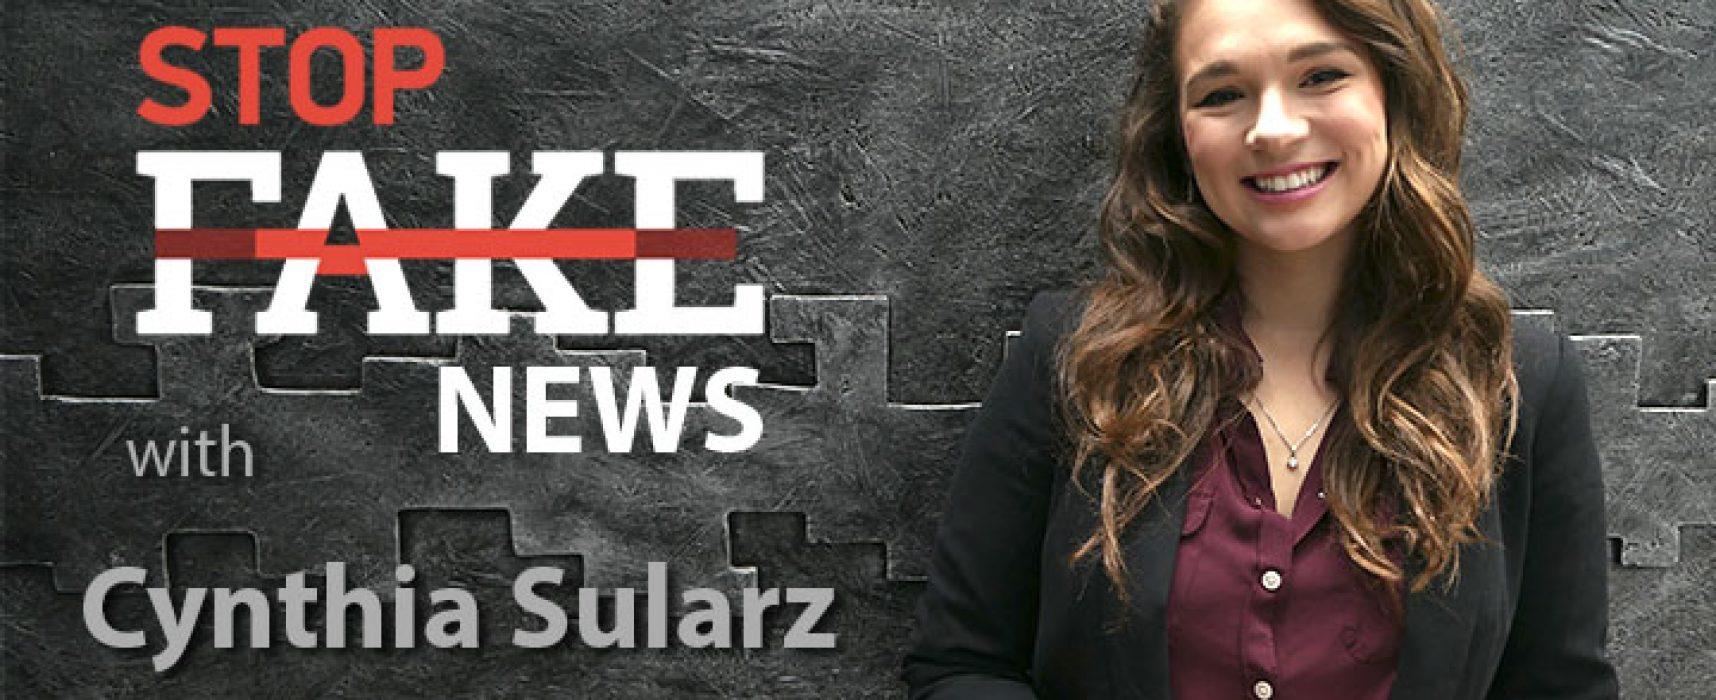 StopFakeNews #131 [ENG] with Cynthia Sularz